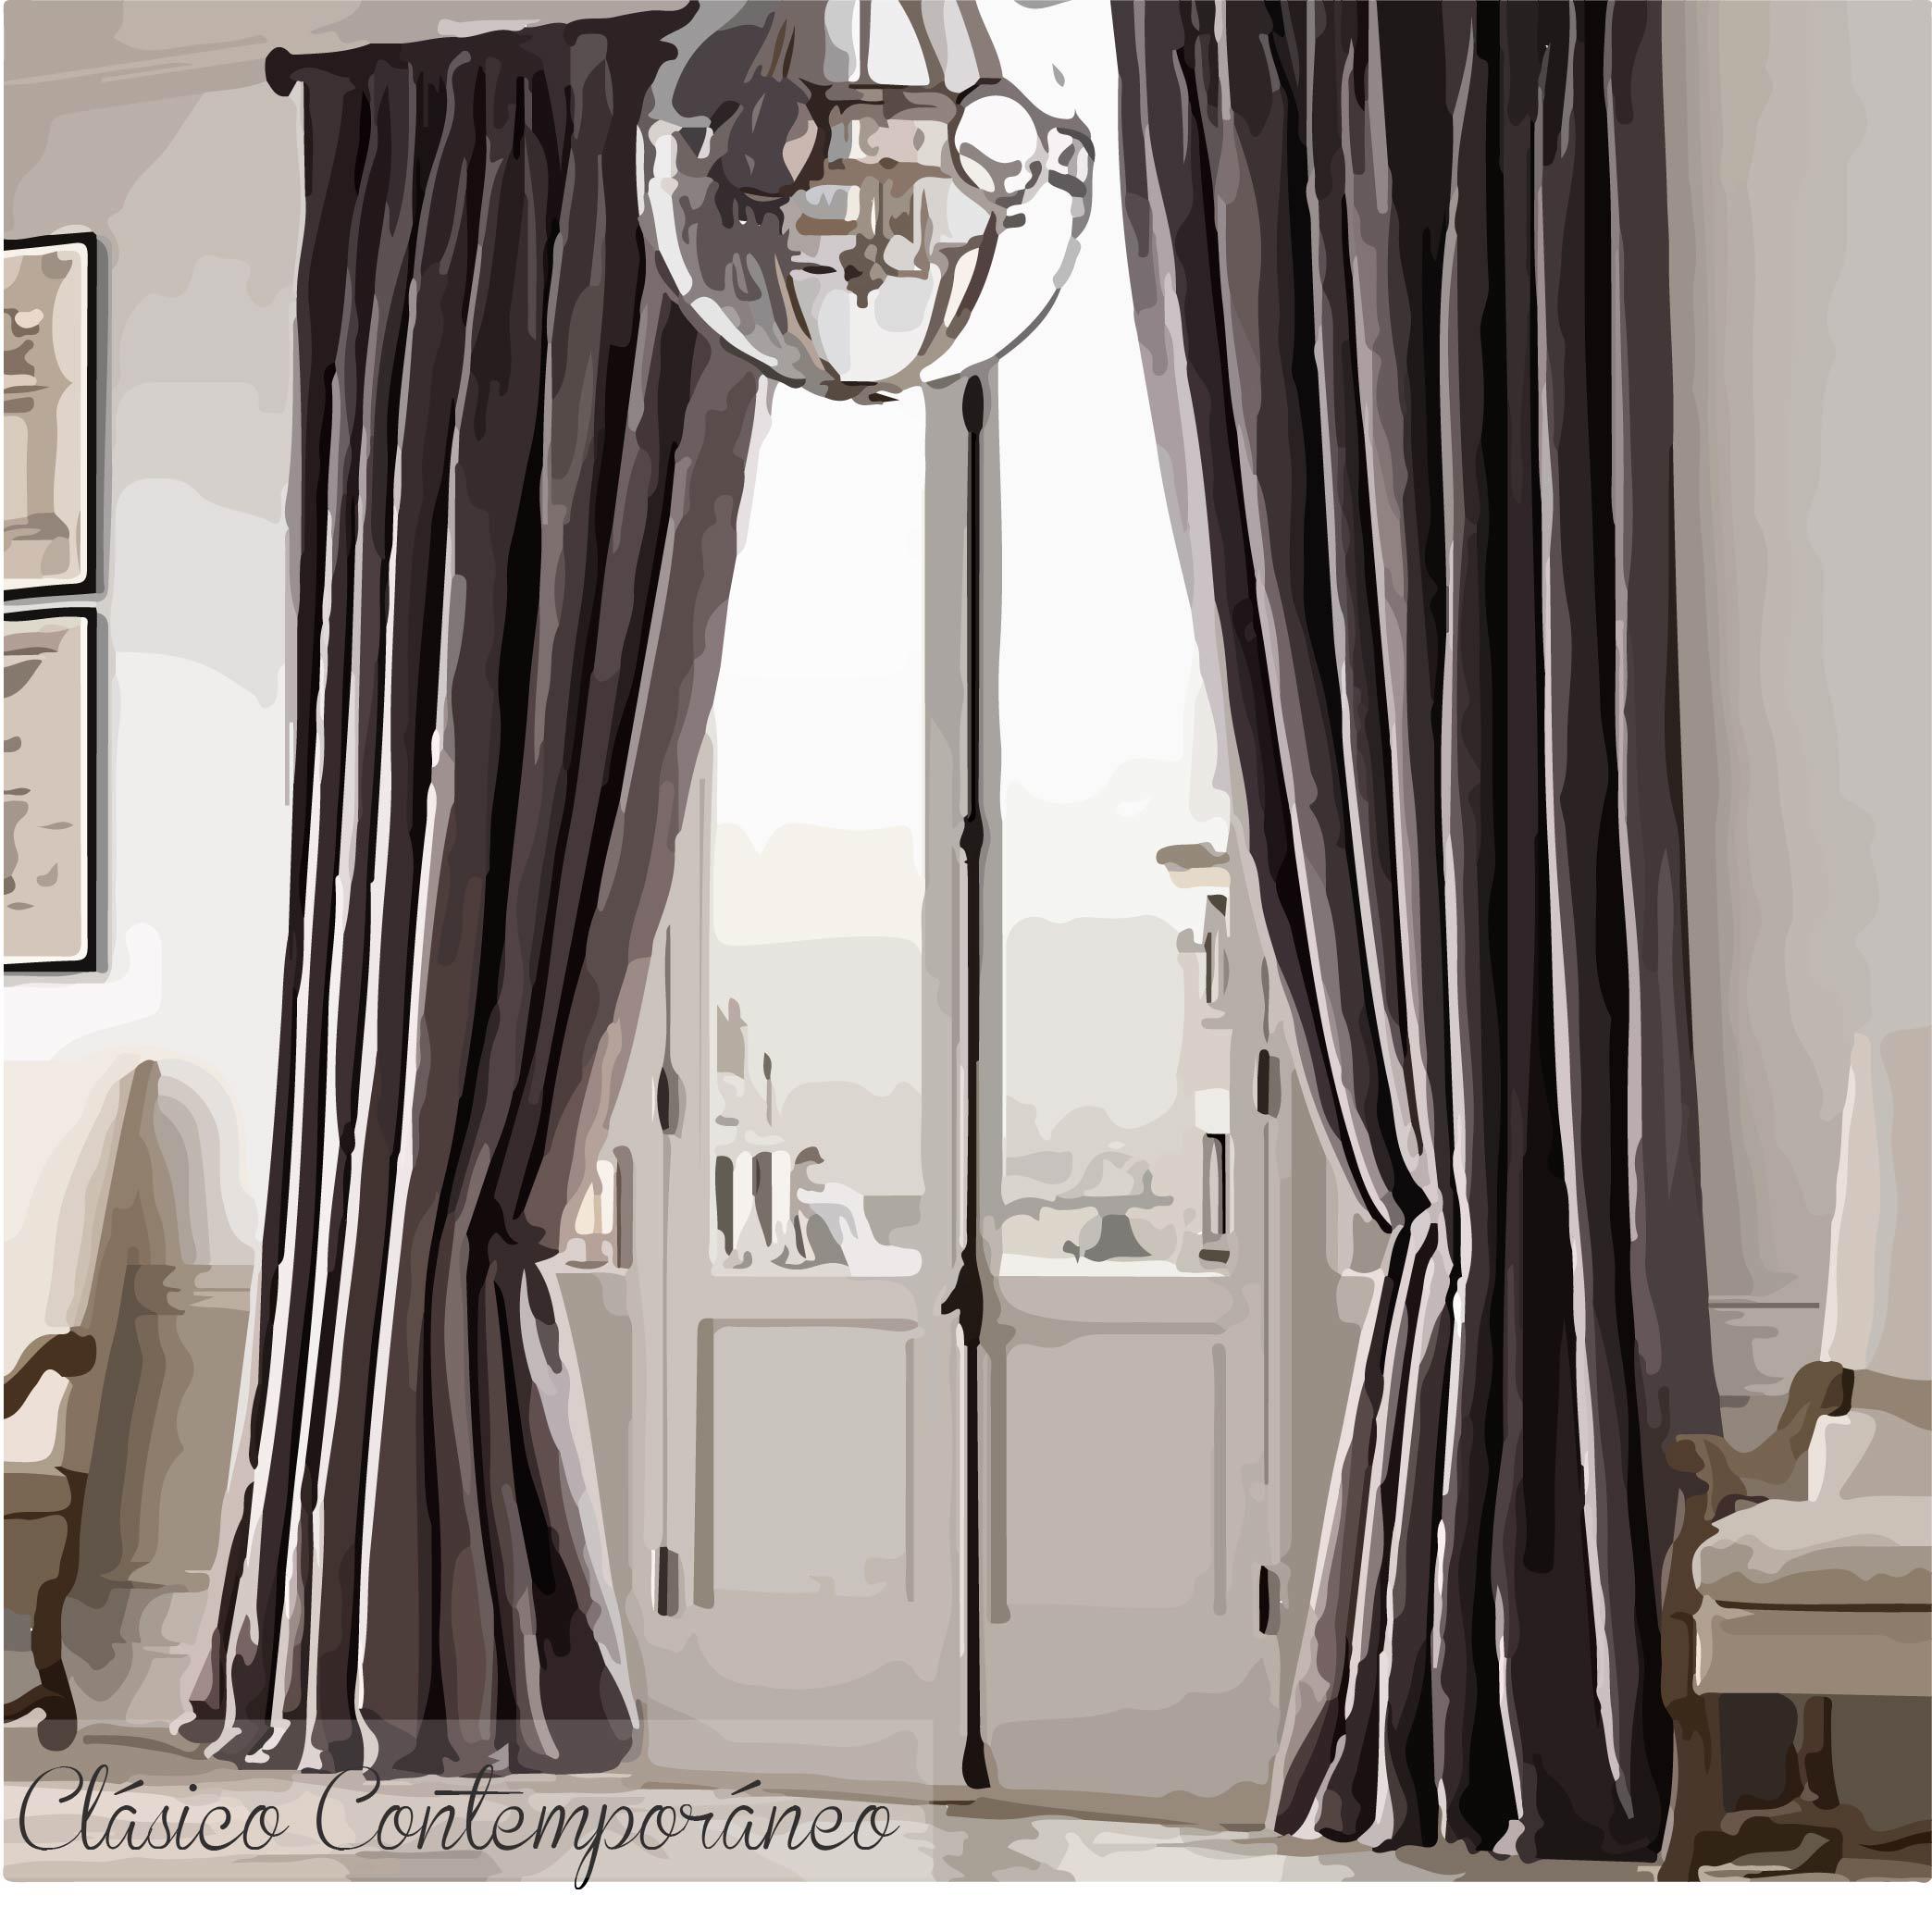 Ideas para decorar tu casa con cortinas me lo dijo lola - Moda en cortinas de salon ...